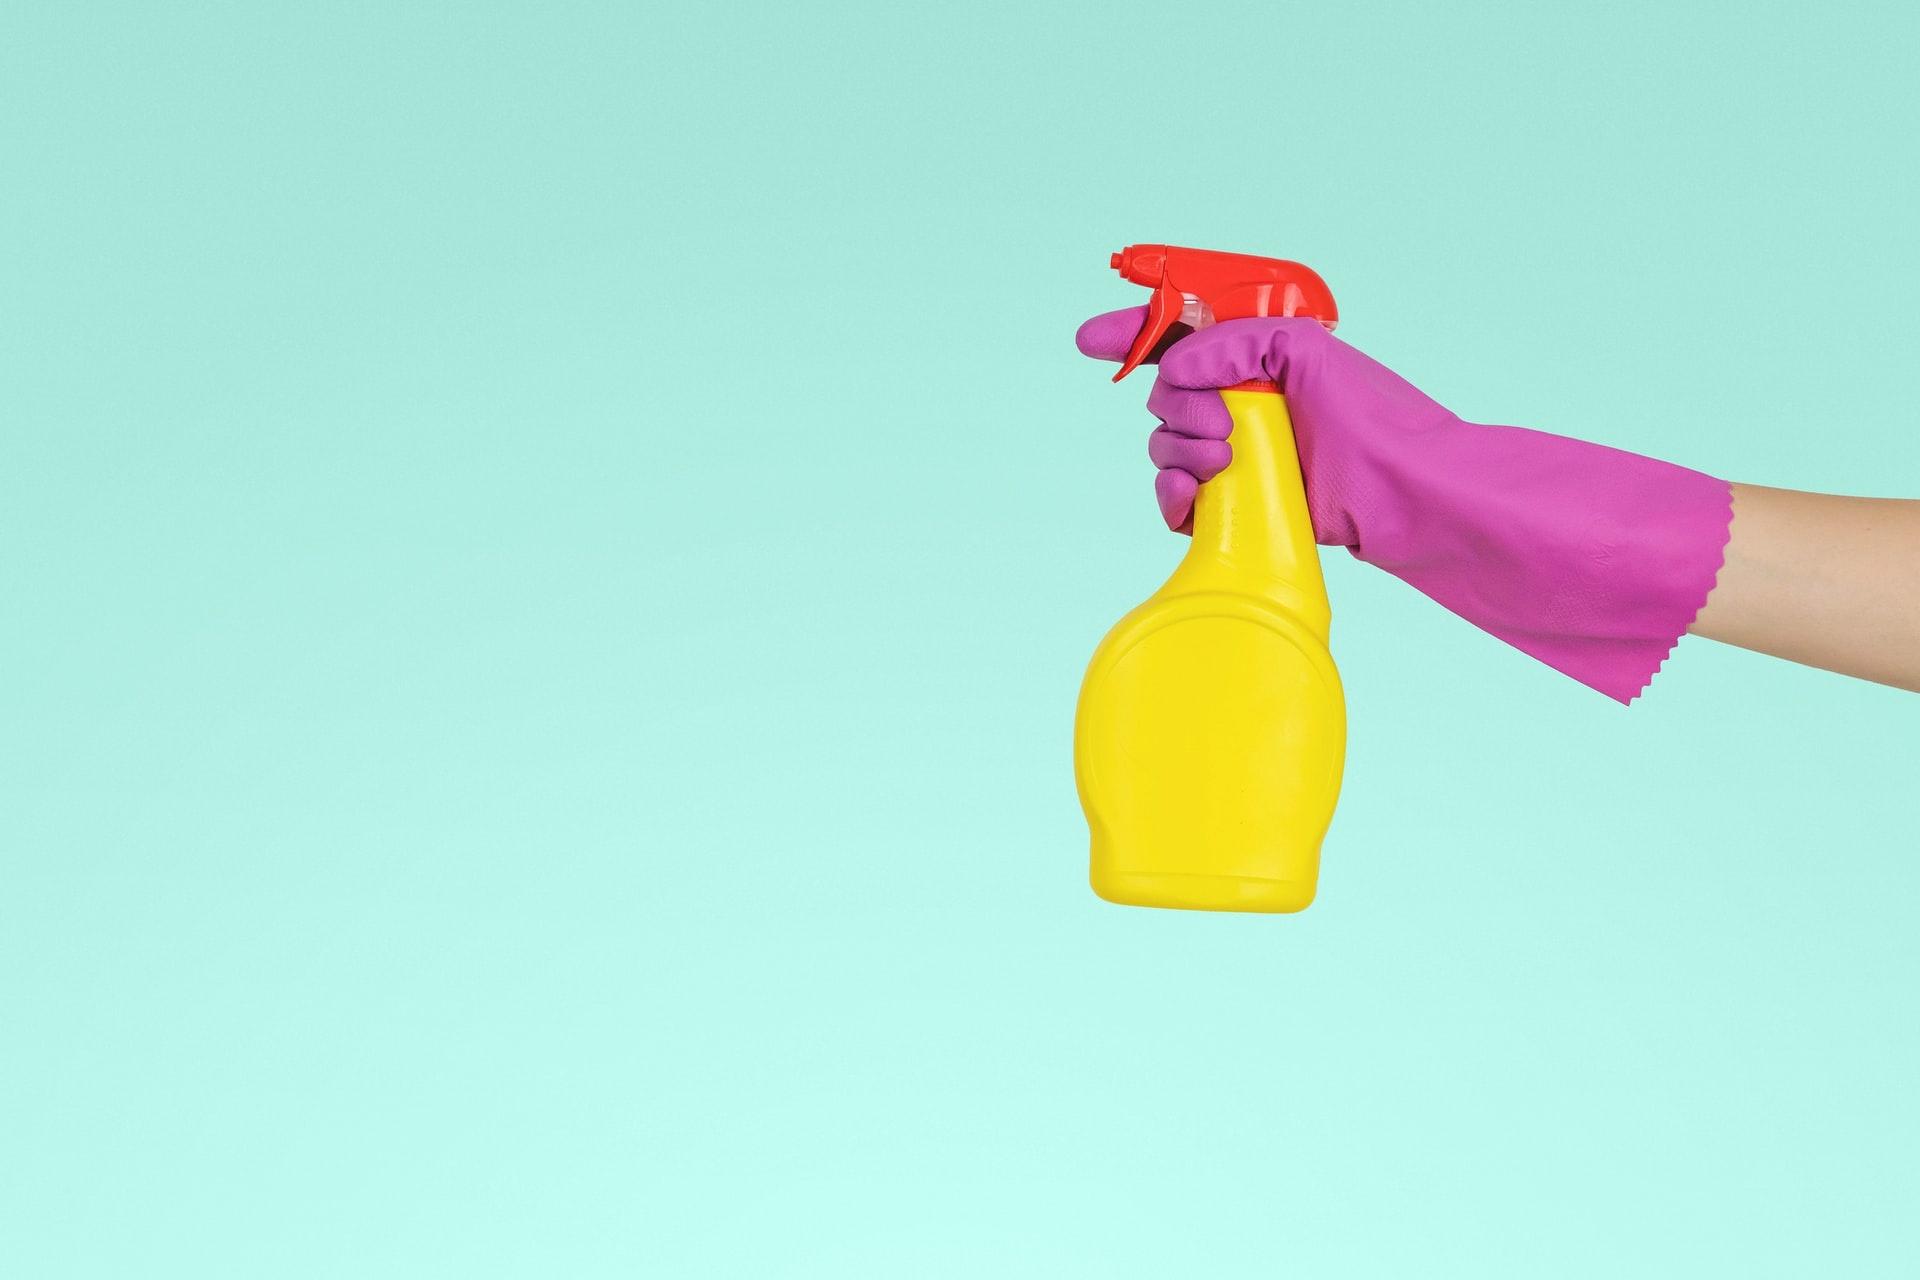 Biocider skal godkendes og bruges med omtanke